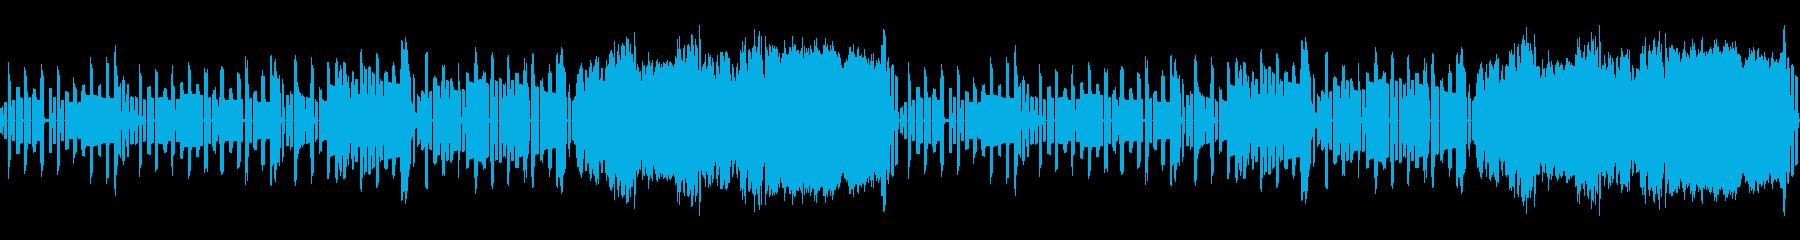 ピコピコ音の夢見るデュオの再生済みの波形